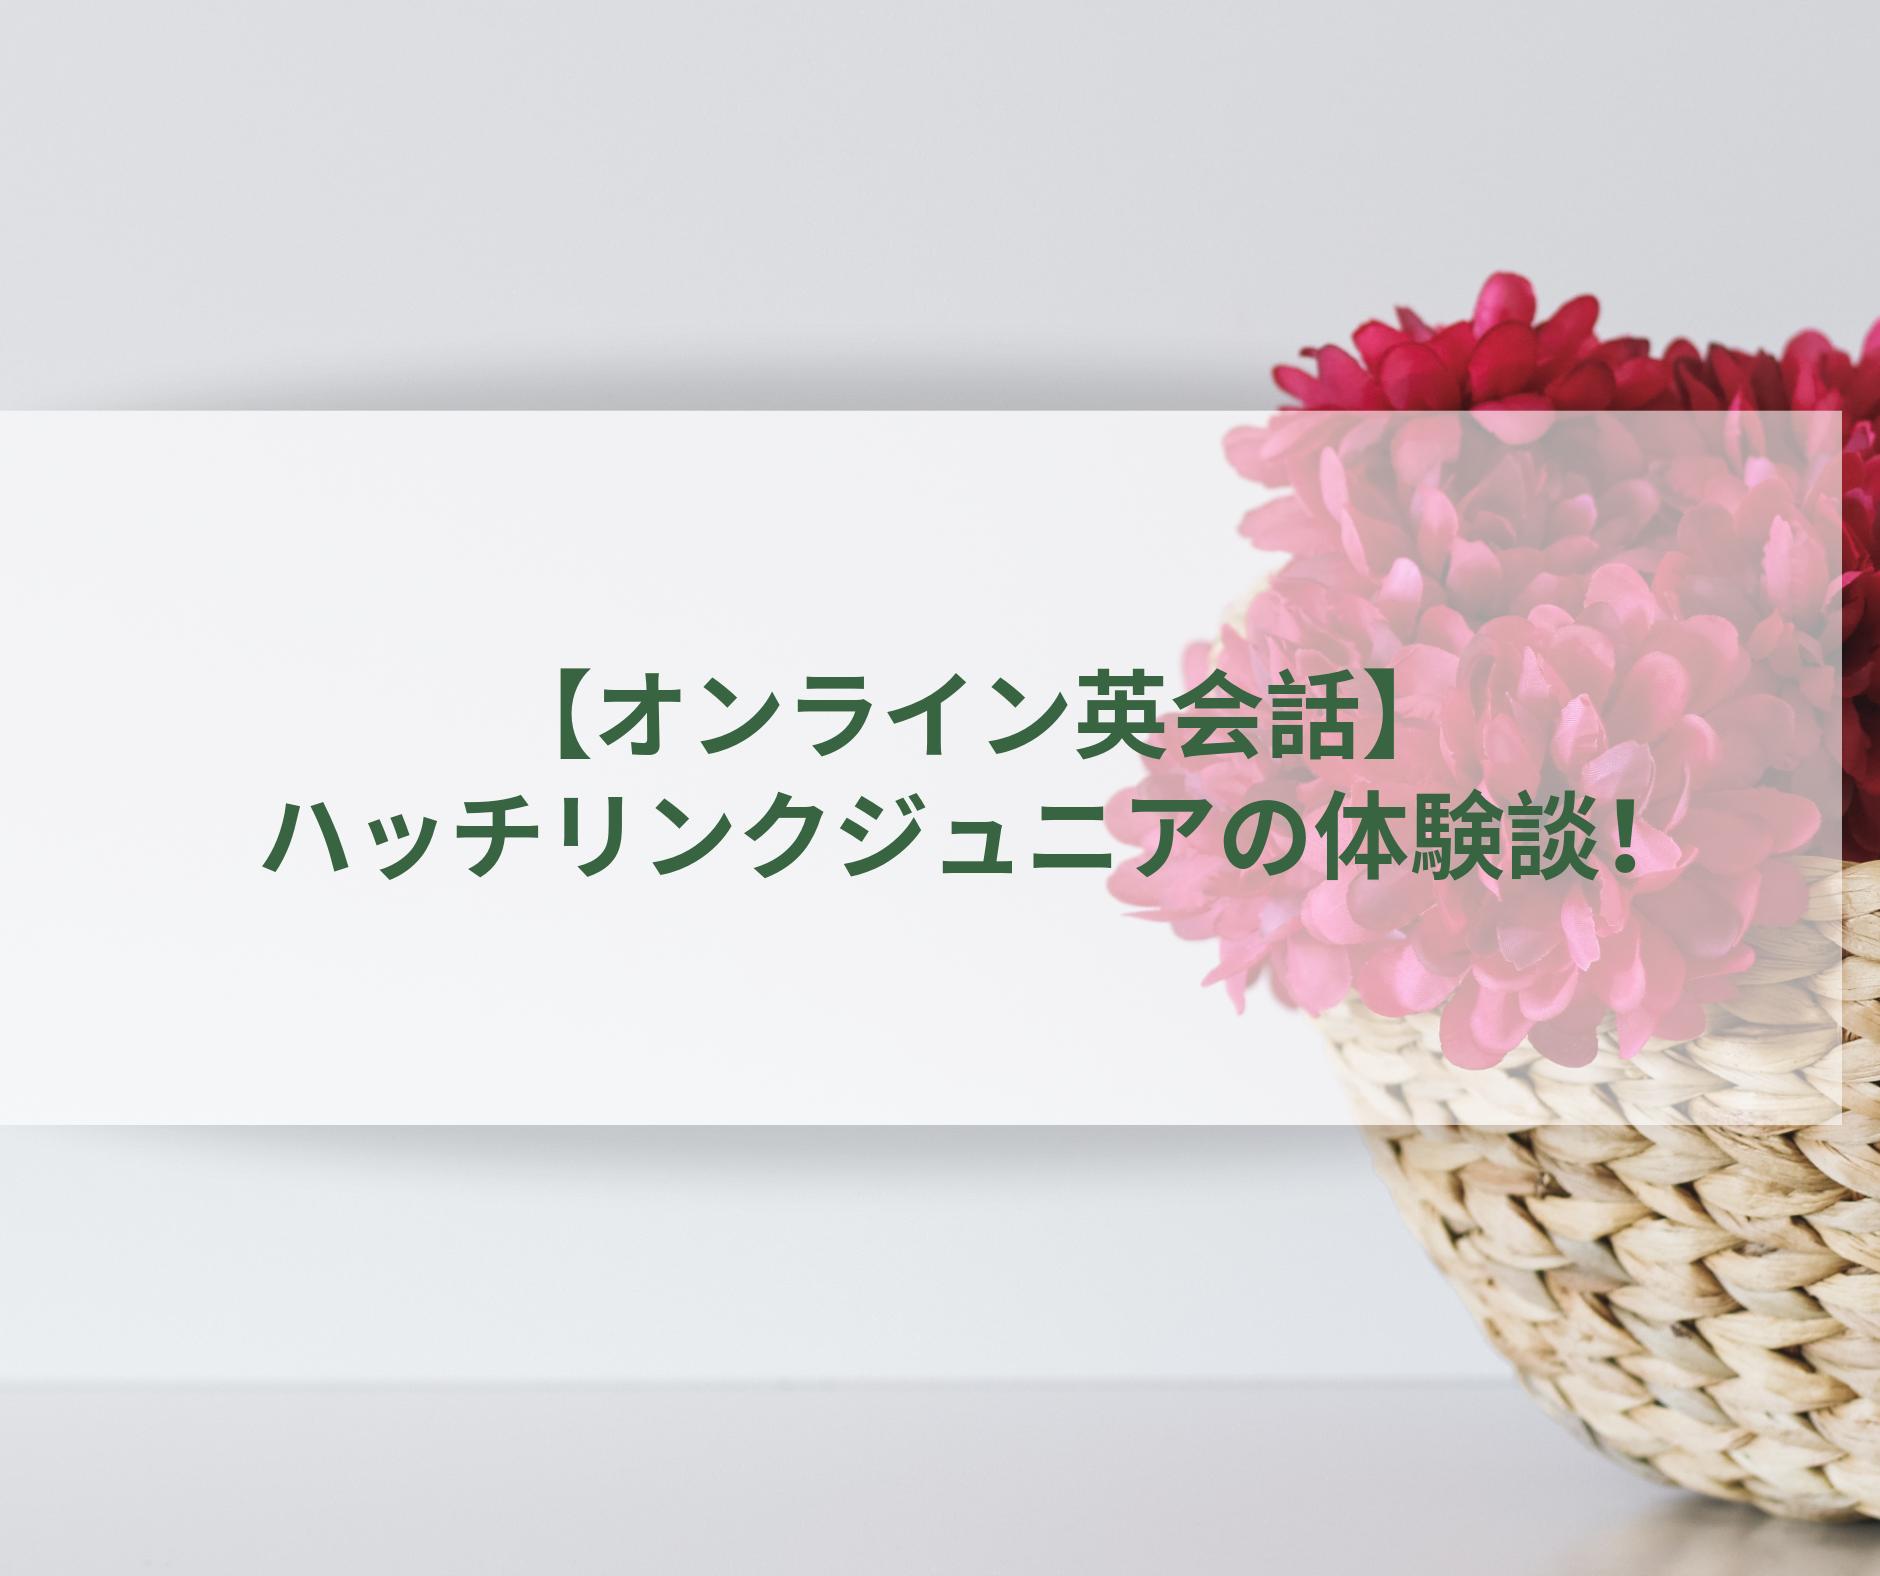 【オンライン英会話】ハッチリンクジュニアの体験談!兄弟同時受講可能!